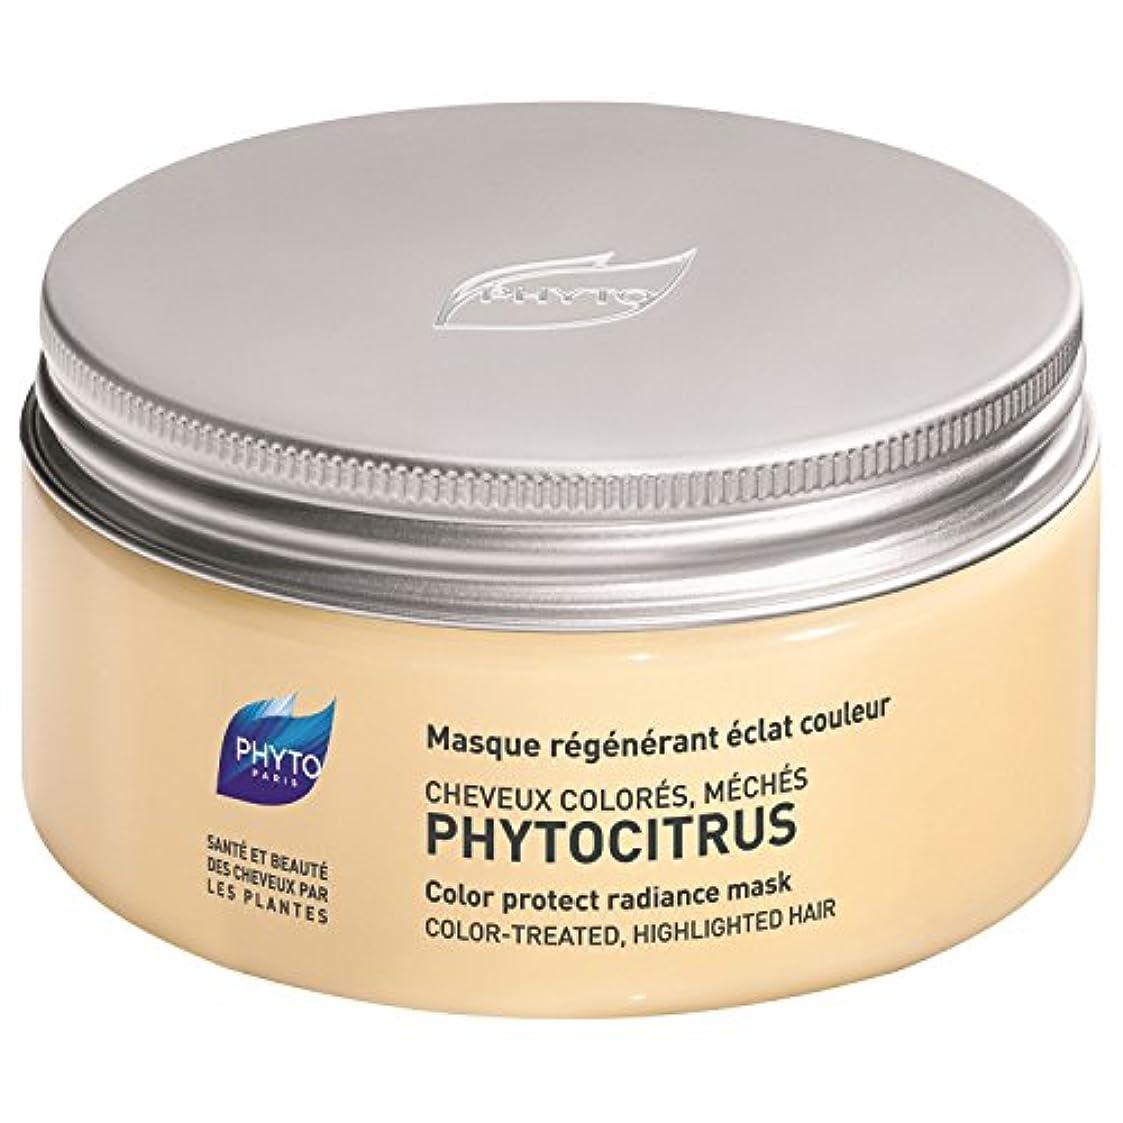 コンピューター美人調和フィトPhytocitrus色保護放射輝度マスク200ミリリットル (Phyto) (x2) - Phyto Phytocitrus Colour Protect Radiance Mask 200ml (Pack of...